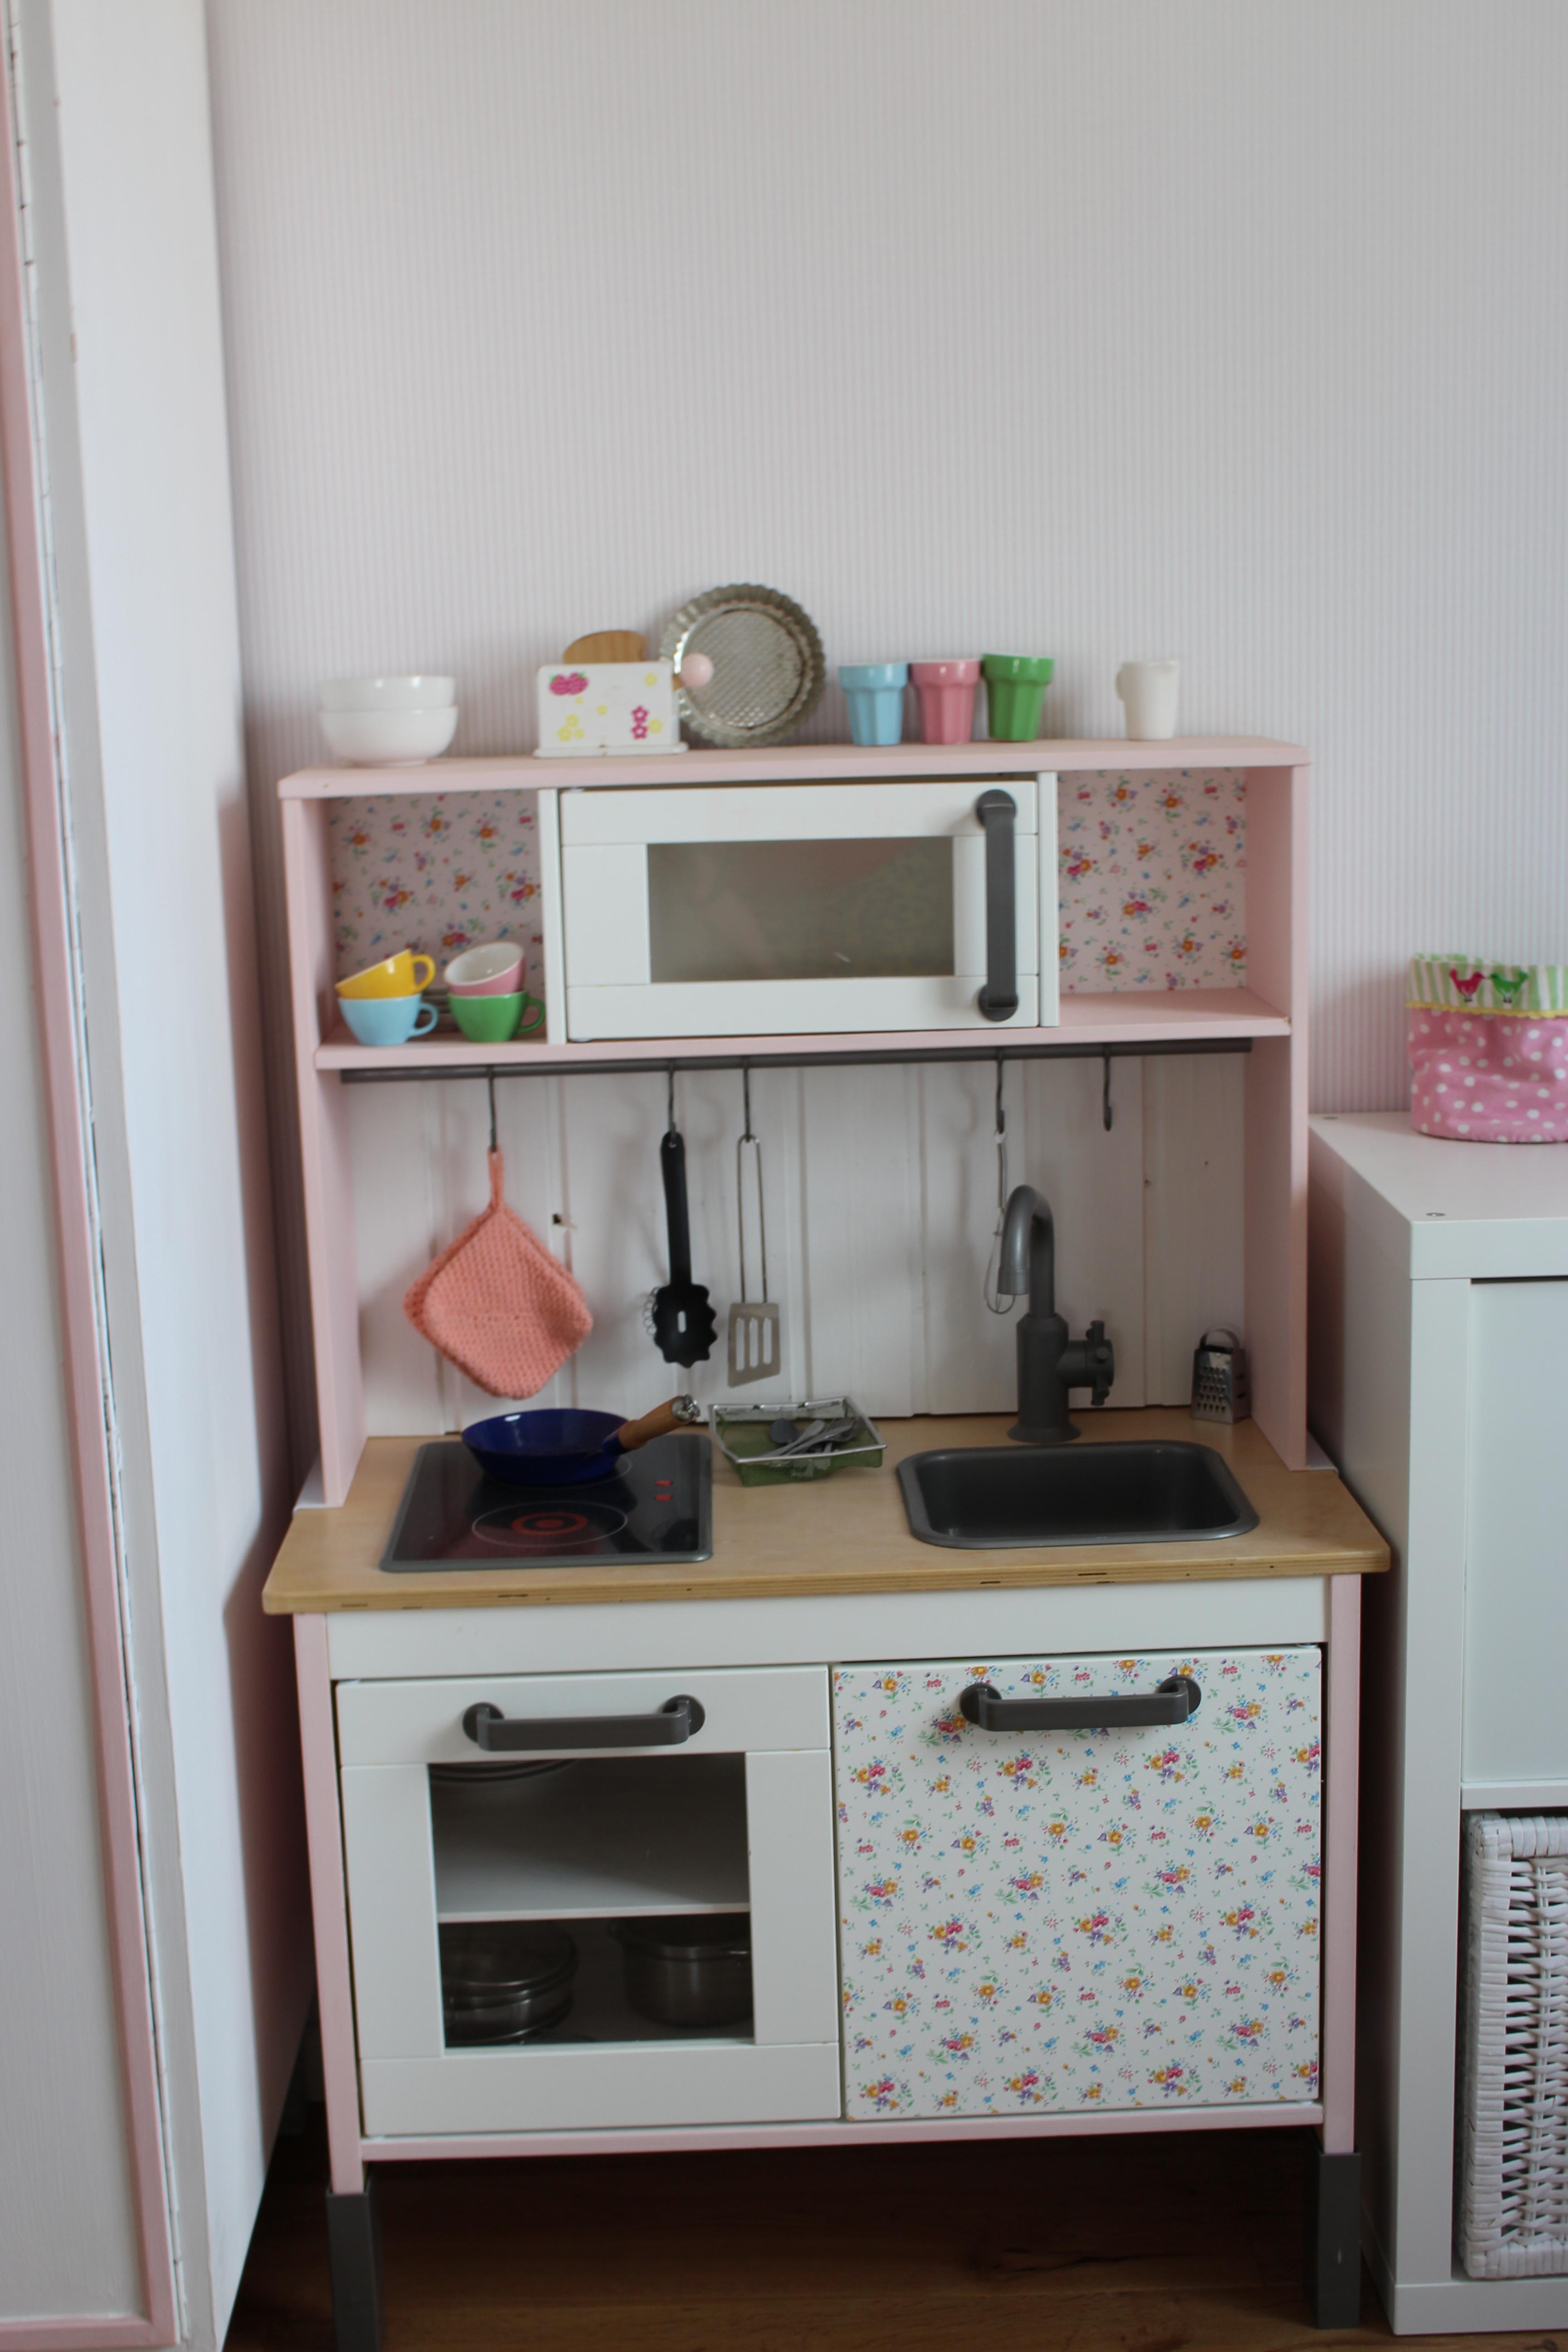 alter schrank neu gestalten free alten schrank streichen best of schrank neu gestalten best. Black Bedroom Furniture Sets. Home Design Ideas